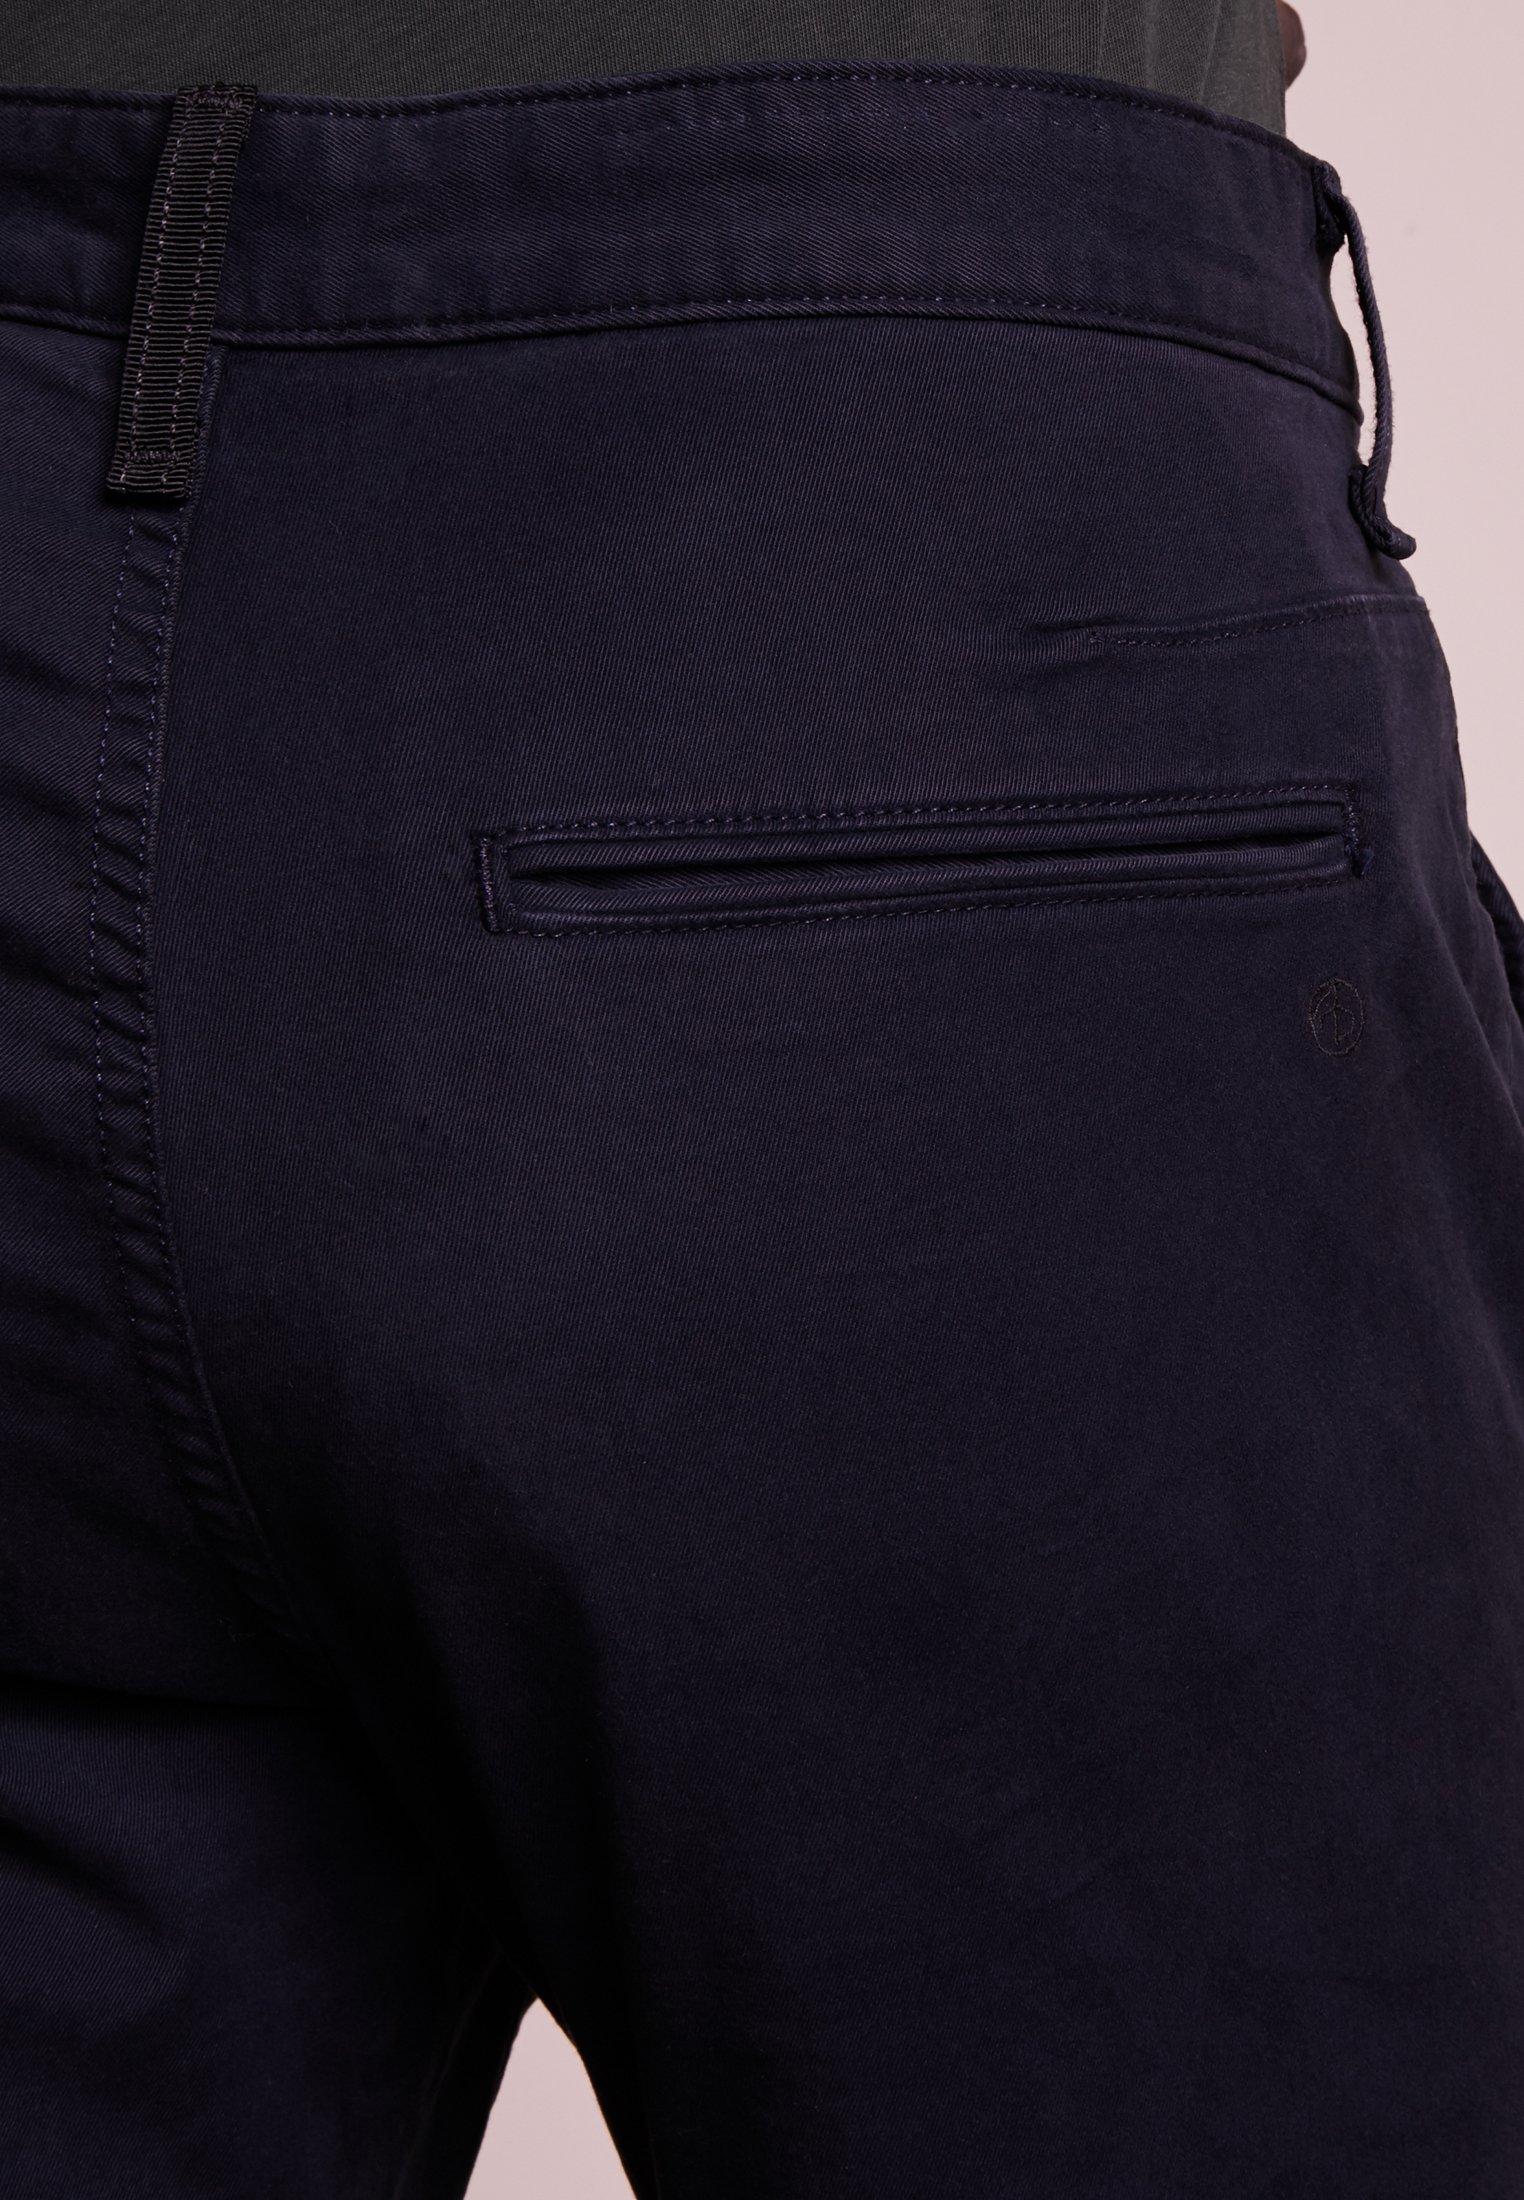 Rag & Bone Jackor: Köp upp till −70% | Stylight